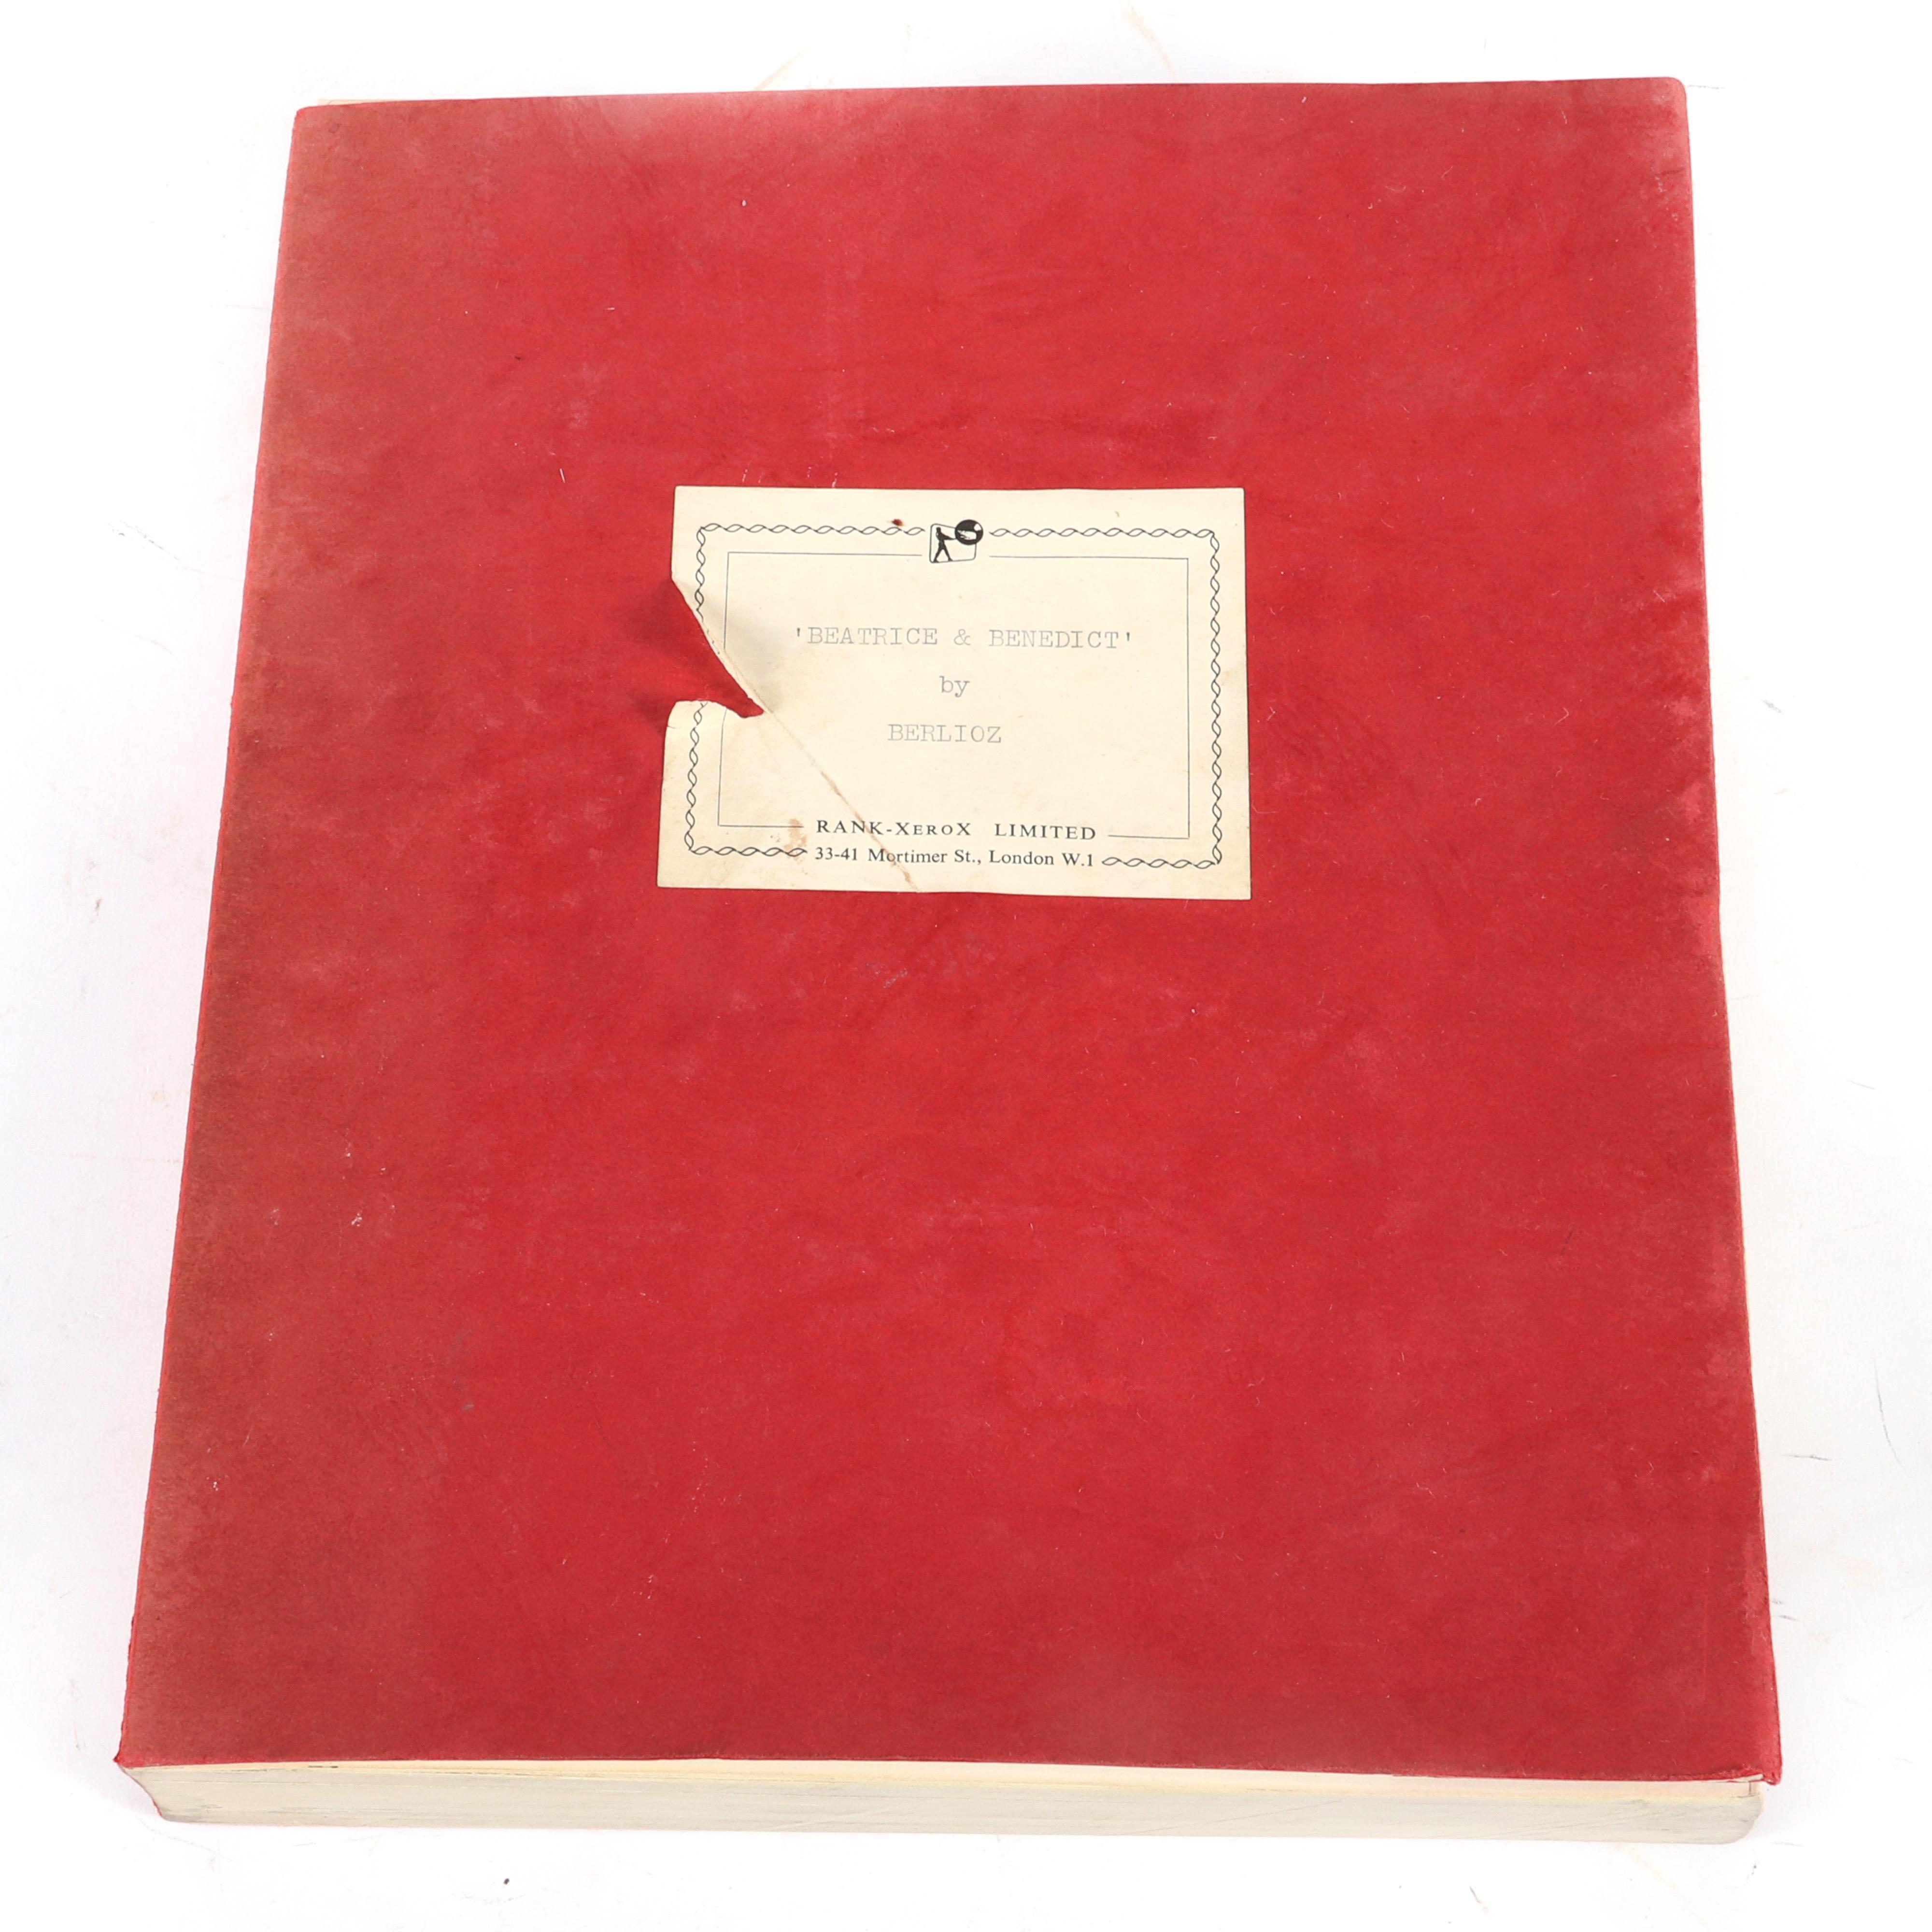 """Beatrice et Bénédict. Opéra comique en deux actes imité de Shakespeare. Paroles et musique de Hector Berlioz. Full score. Facsimile (photocopy) of the autograph manuscript. 1 1/2""""H x 9""""W x 10 3/4""""D"""